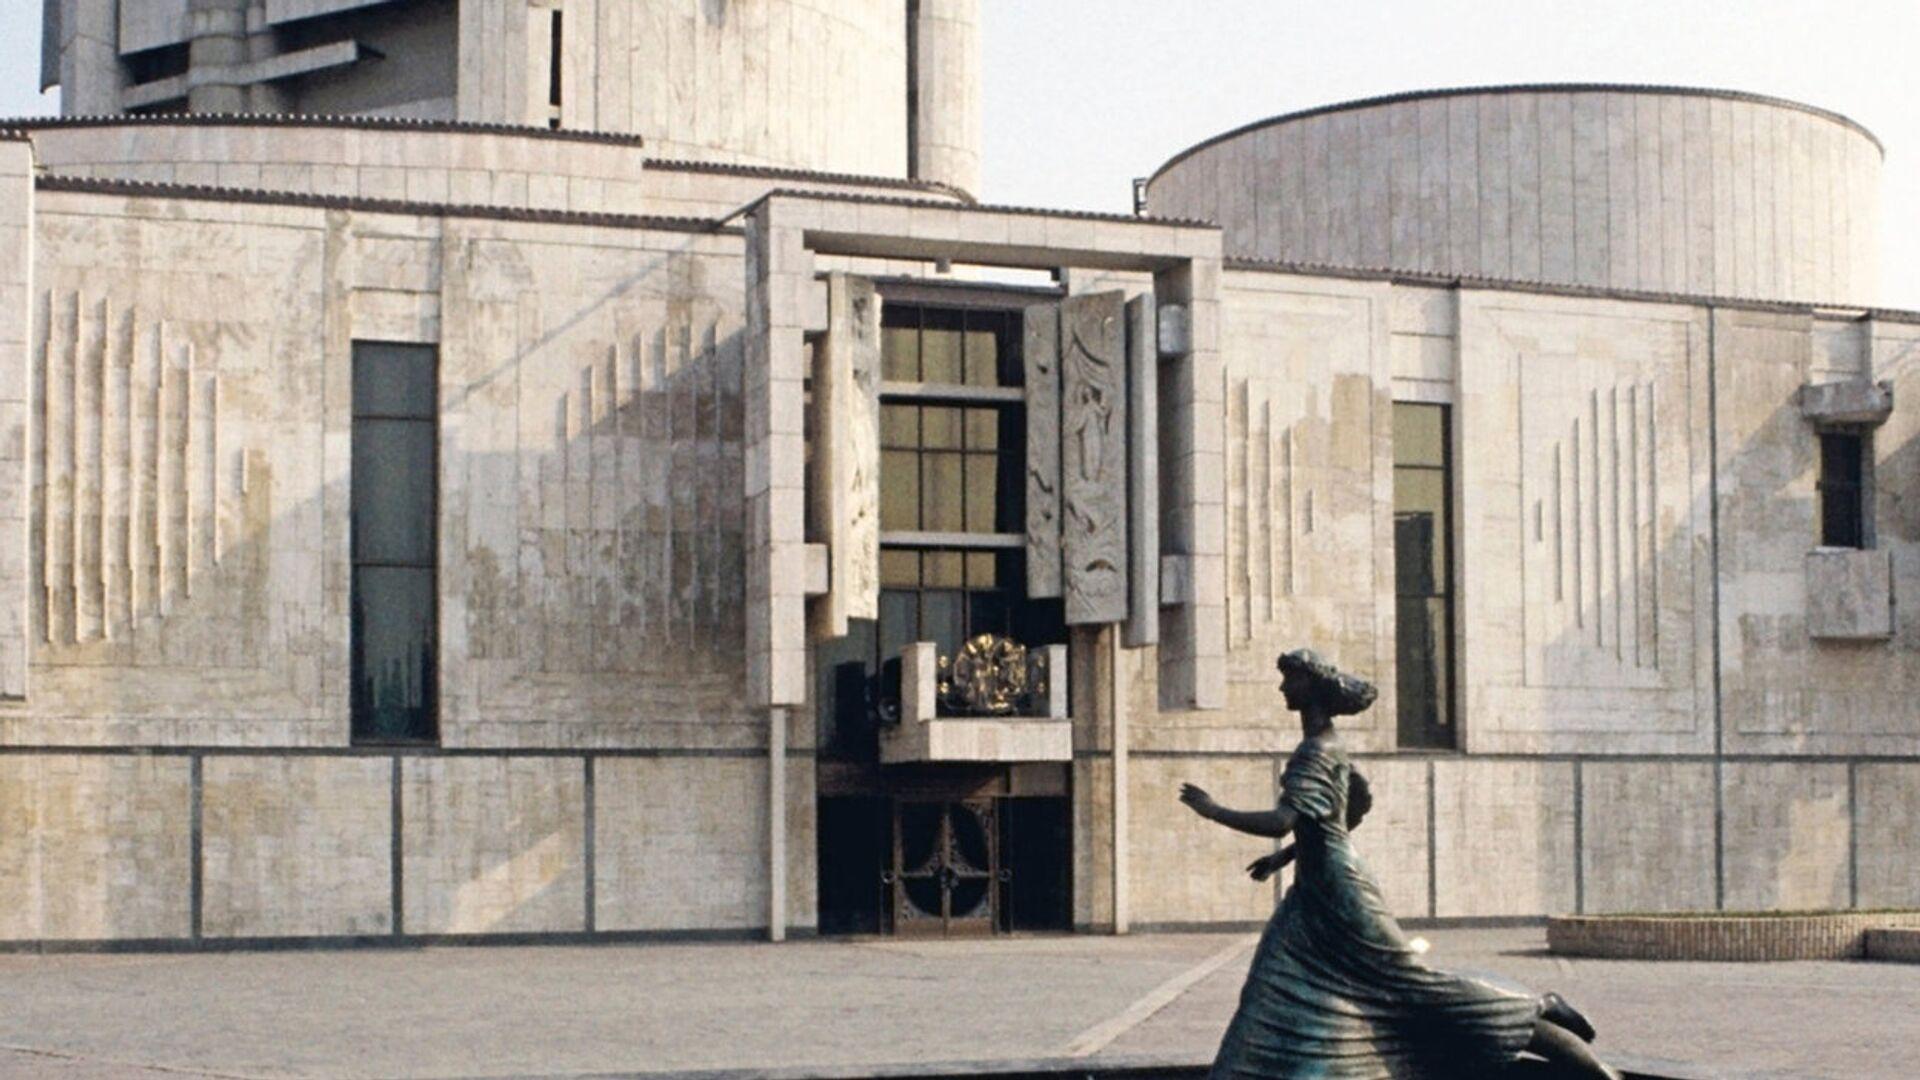 Детский музыкальный театр им. Натальи Сац - РИА Новости, 1920, 11.10.2020